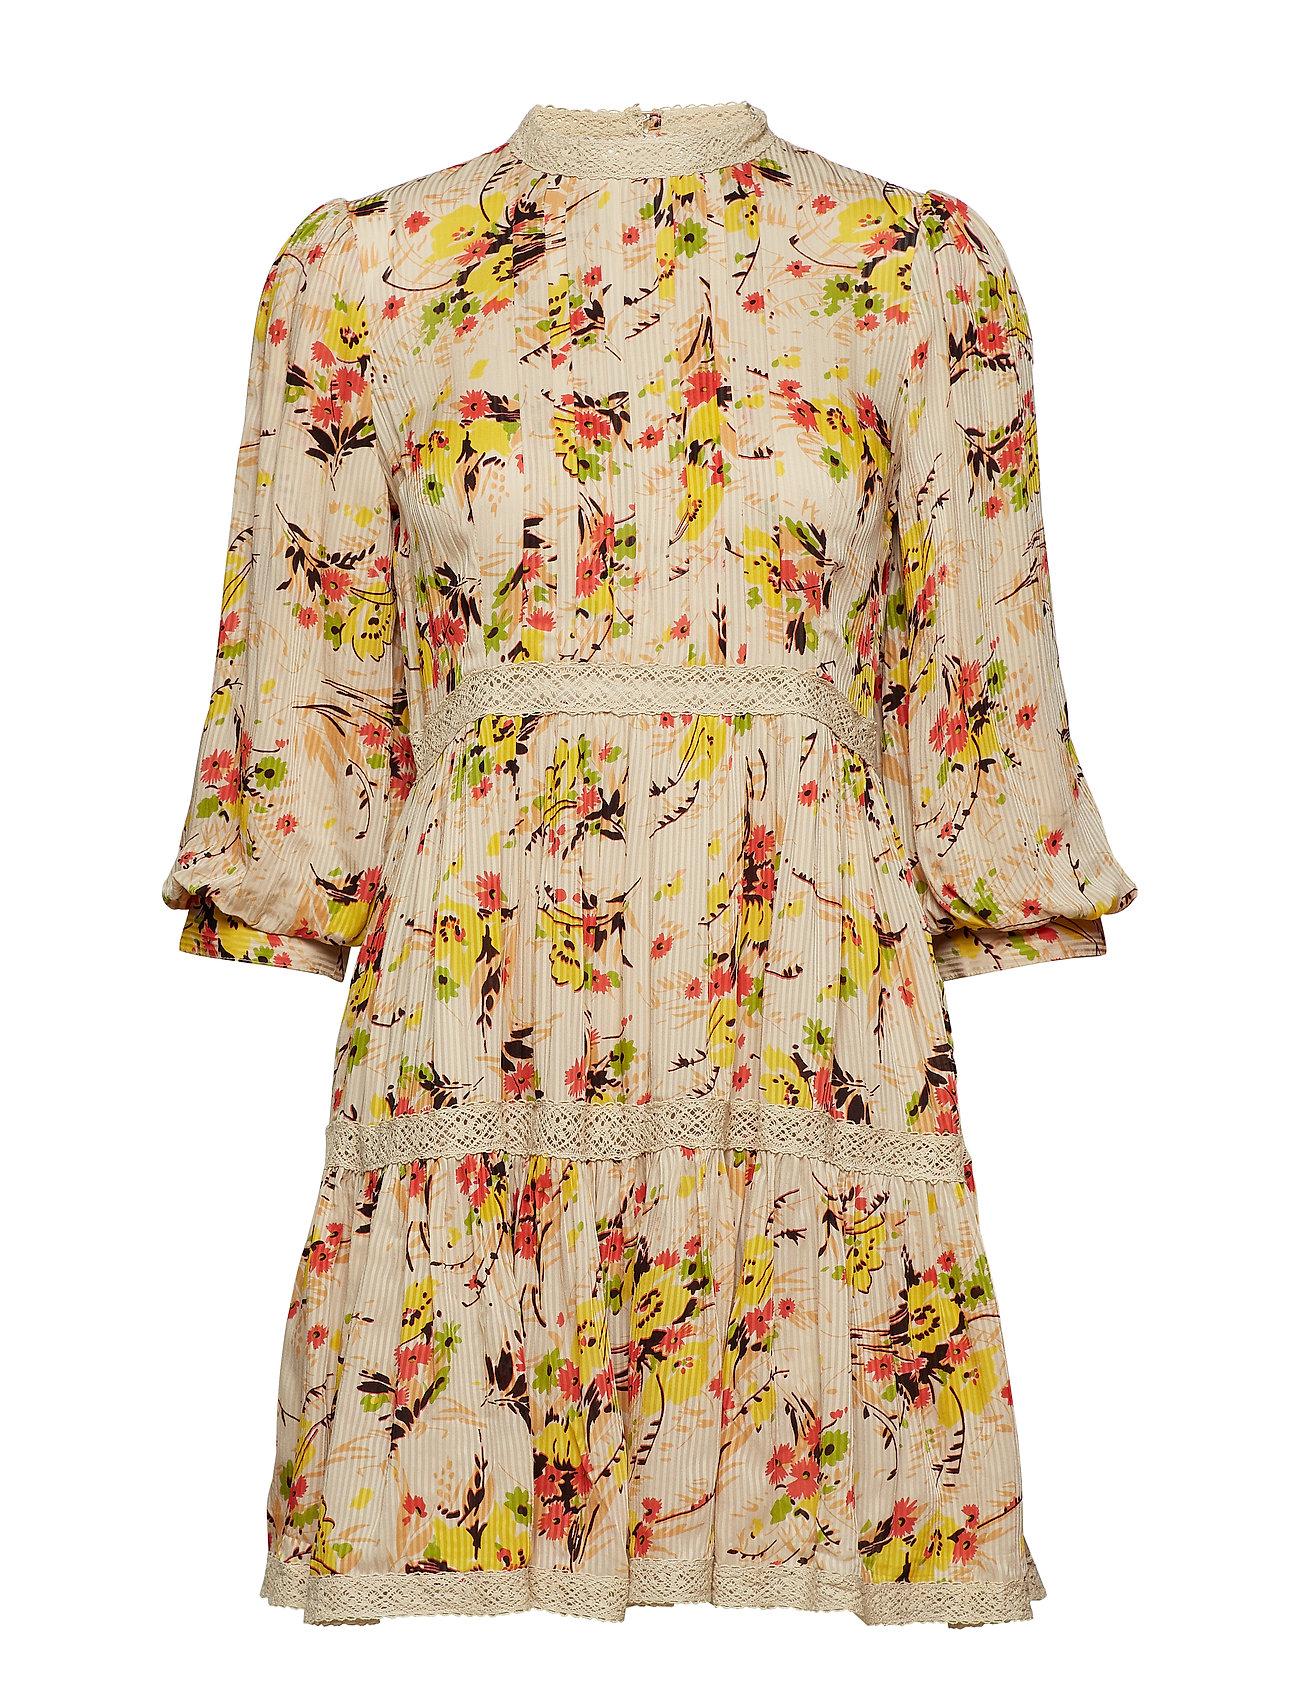 by Ti Mo Delicate Semi Mini Dress - 781 CRISP SPRING